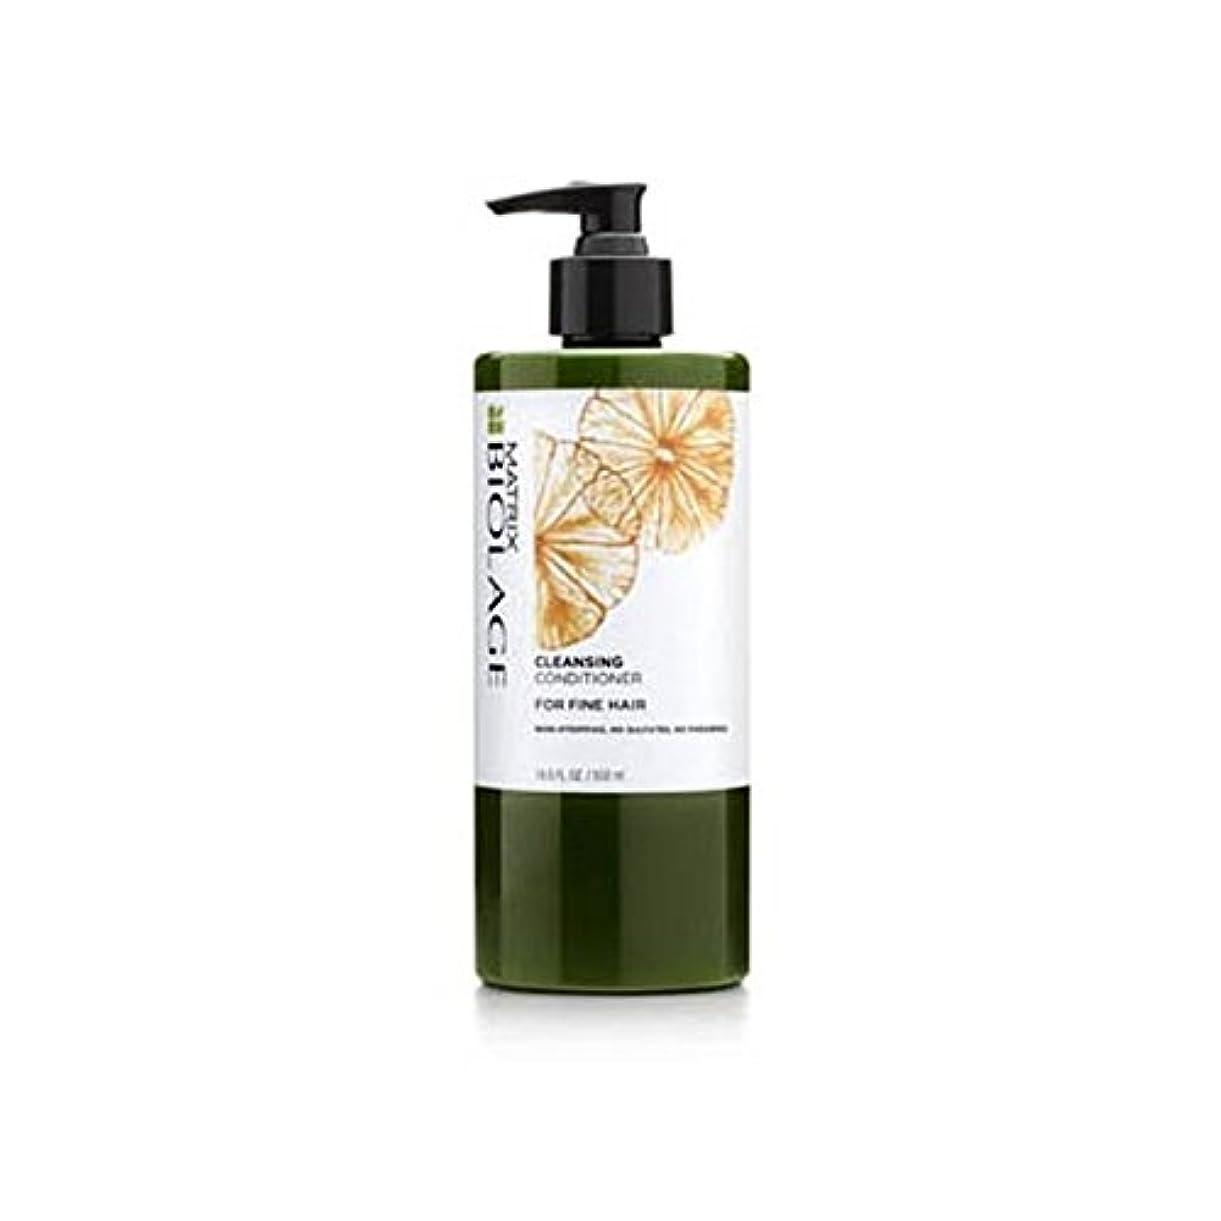 ラグ間違いなく後退するMatrix Biolage Cleansing Conditioner - Fine Hair (500ml) (Pack of 6) - マトリックスバイオレイジクレンジングコンディショナー - 細い髪(500ミリリットル...